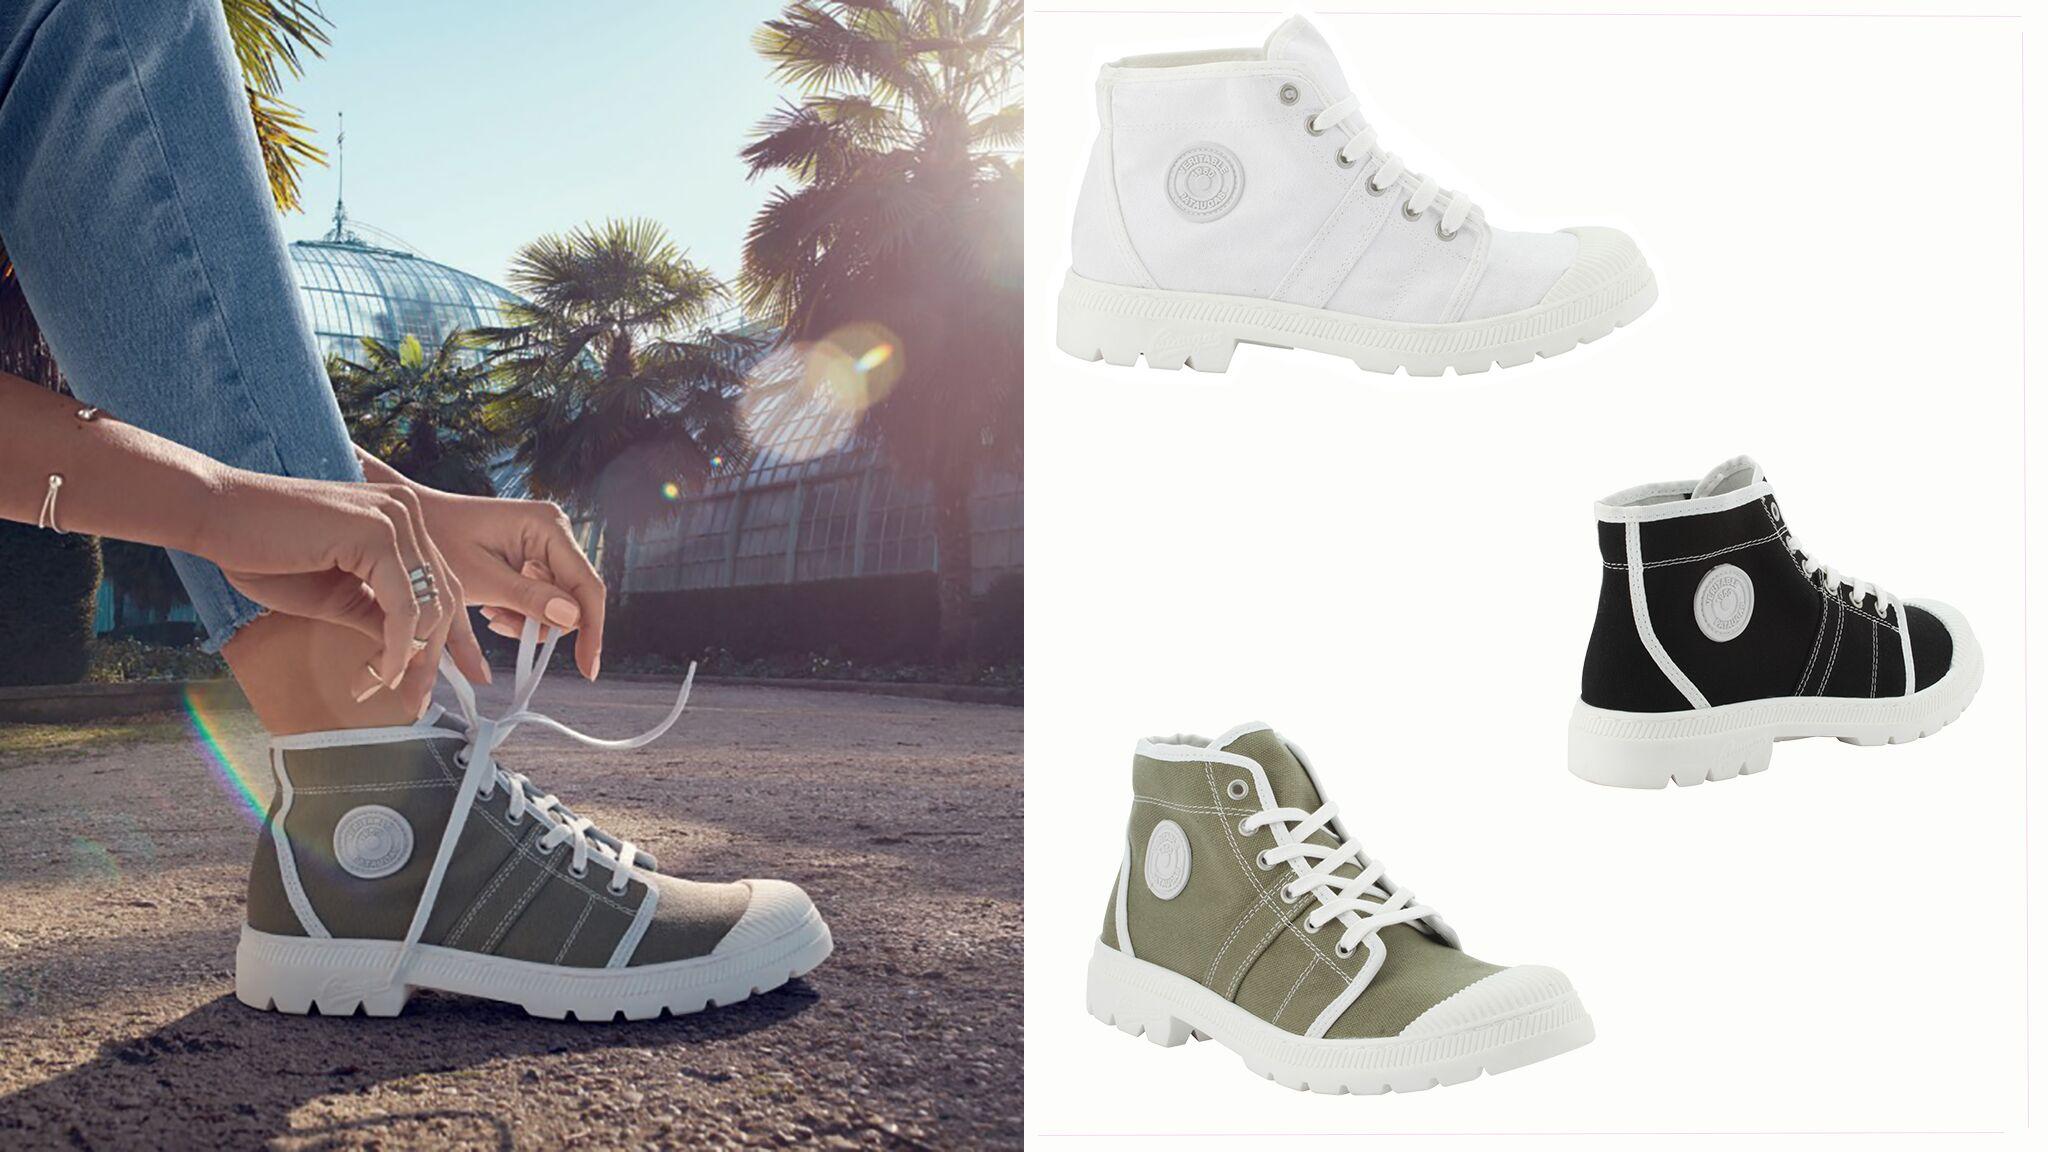 La Célèbre De Chaussures Fait Son Pataugas Come BackVoici Marque VLzqSpjUGM